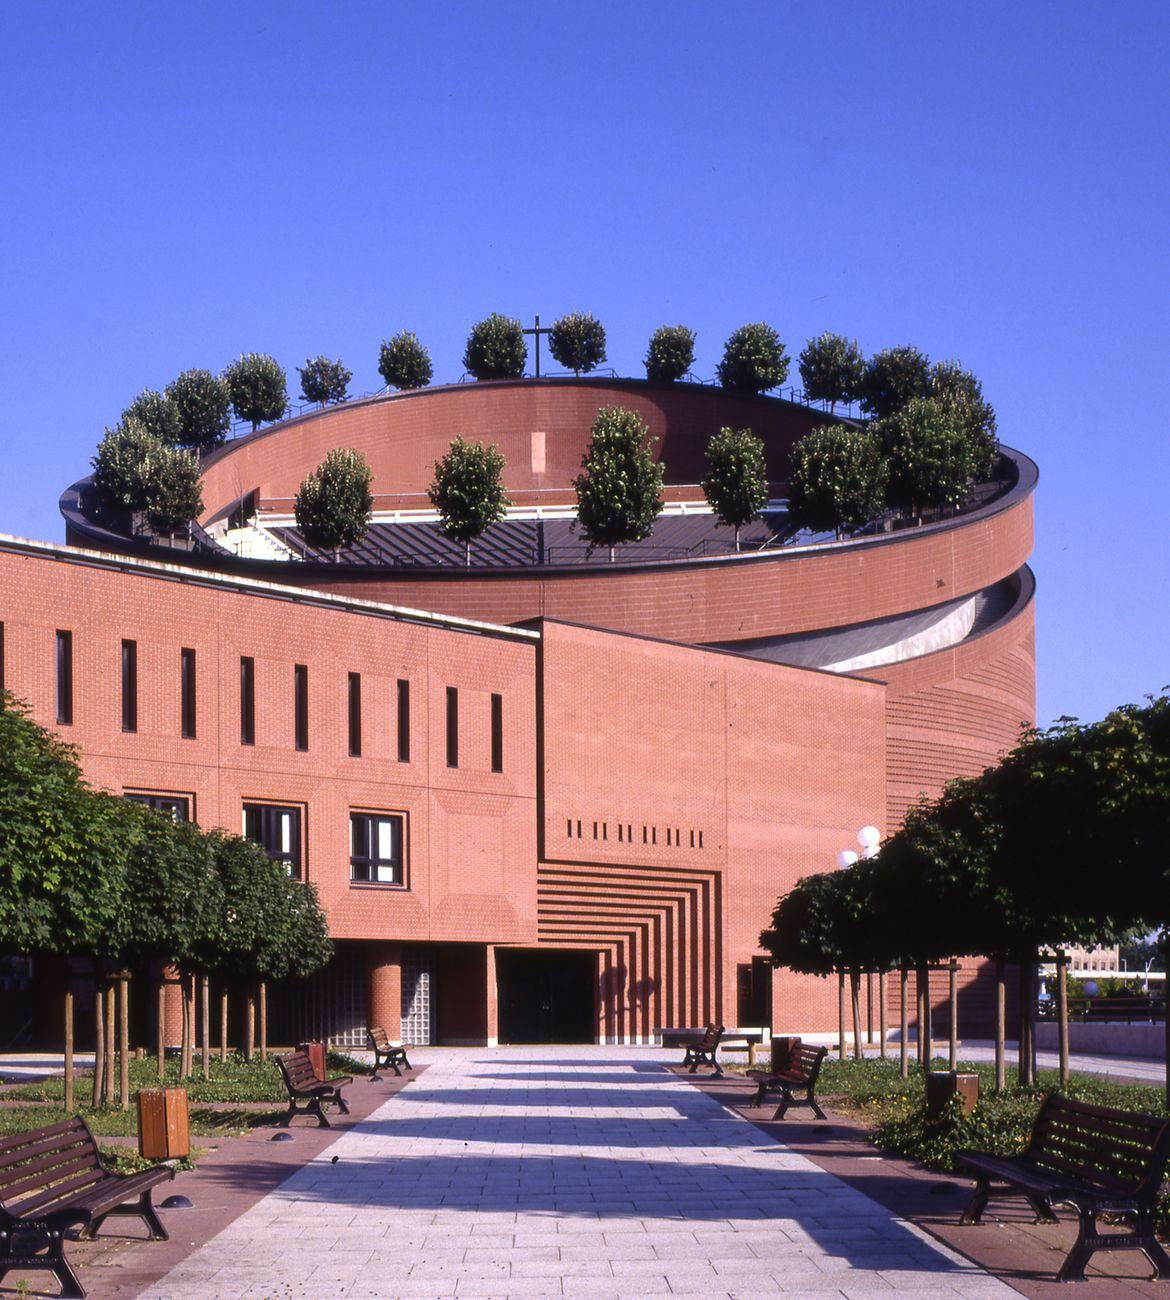 Mario Botta, Cattedrale della Resurrezione, Evry, Francia, 1989 95. Photo Pino Musi